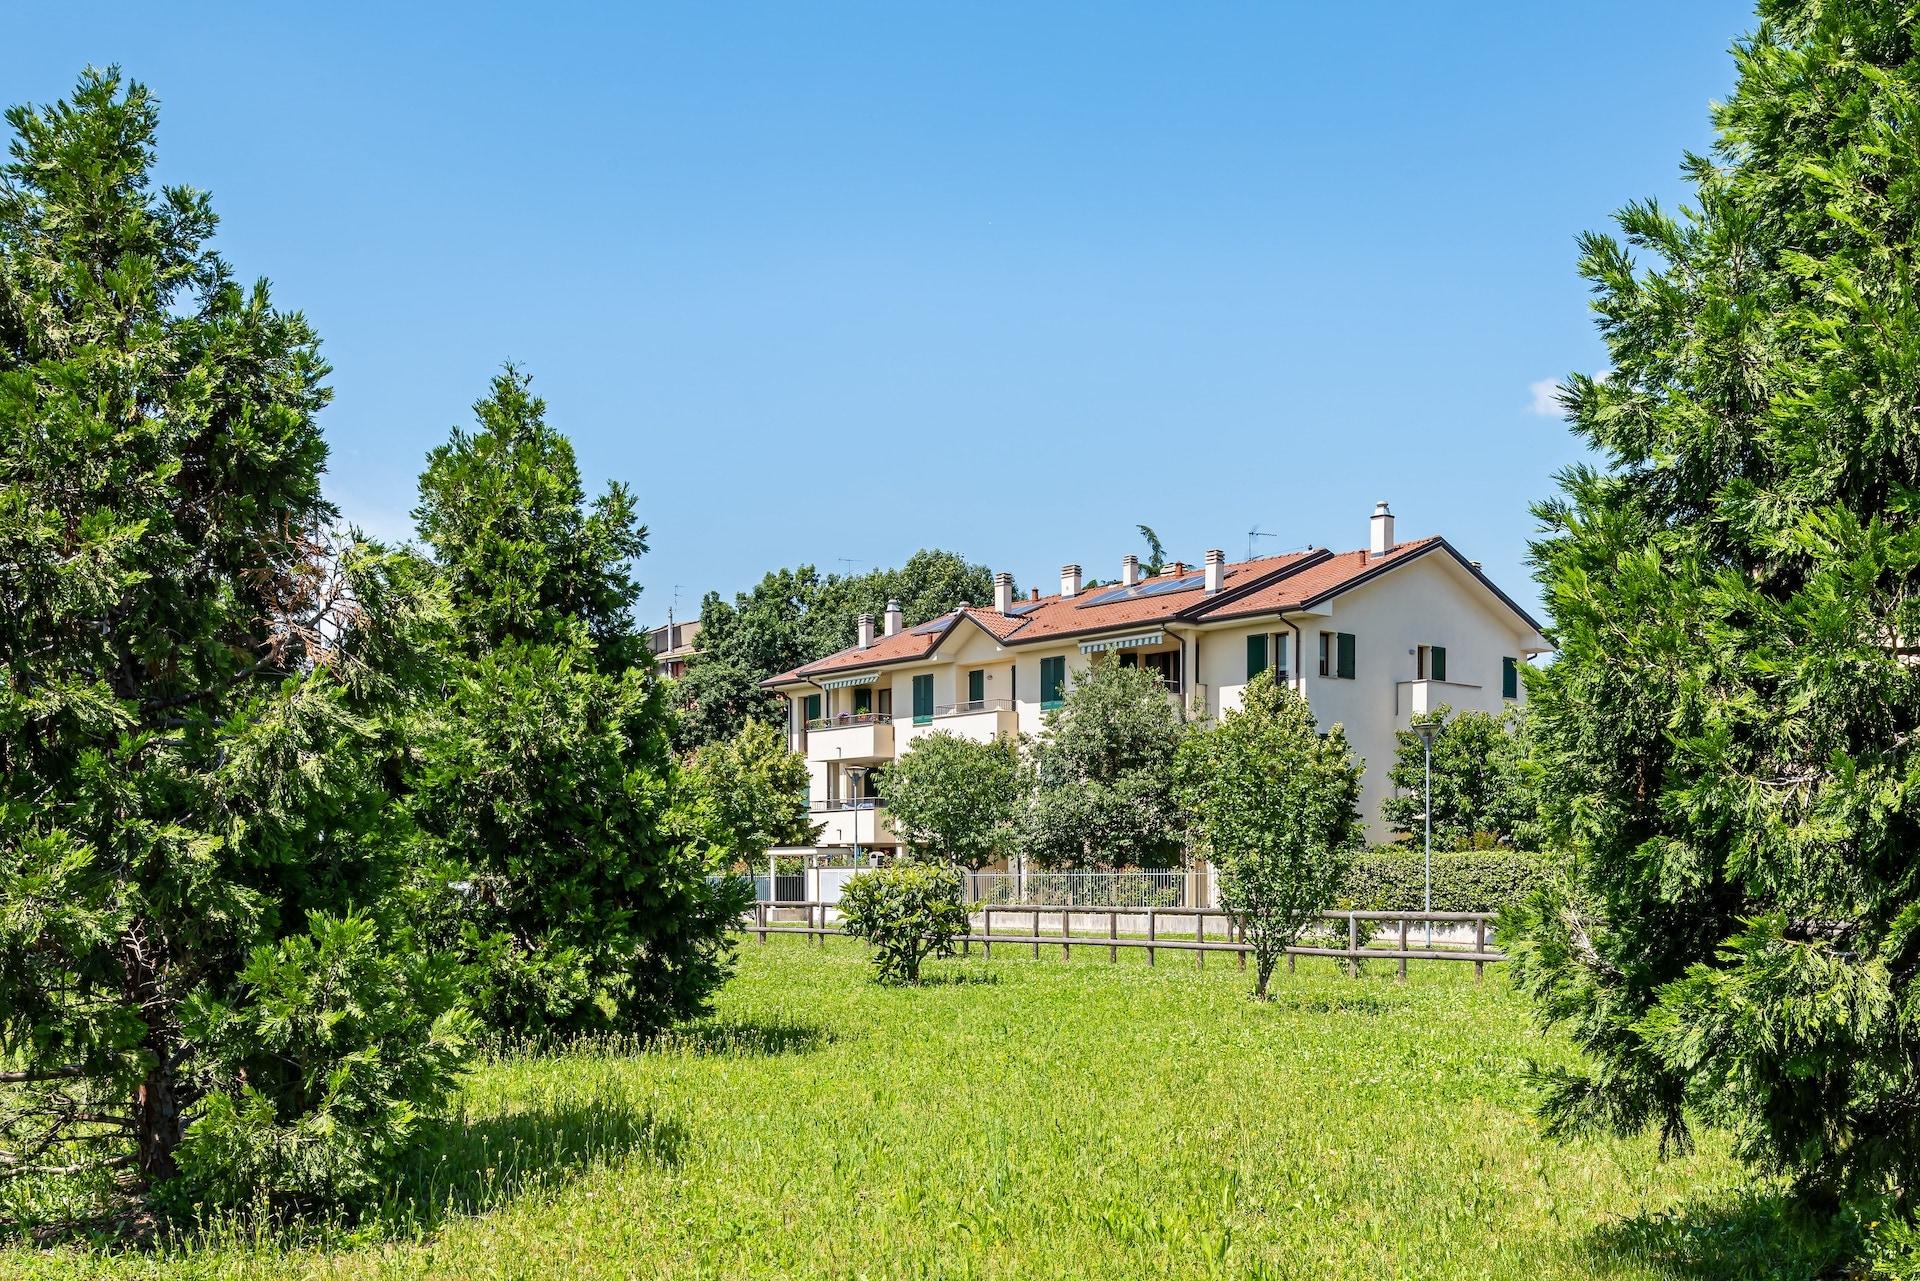 Condominio Il Melograno – Condominio Ai Boschi, via Tricino 89-89a-b-c e via dei Boschi 28-30-Nerviano (10)